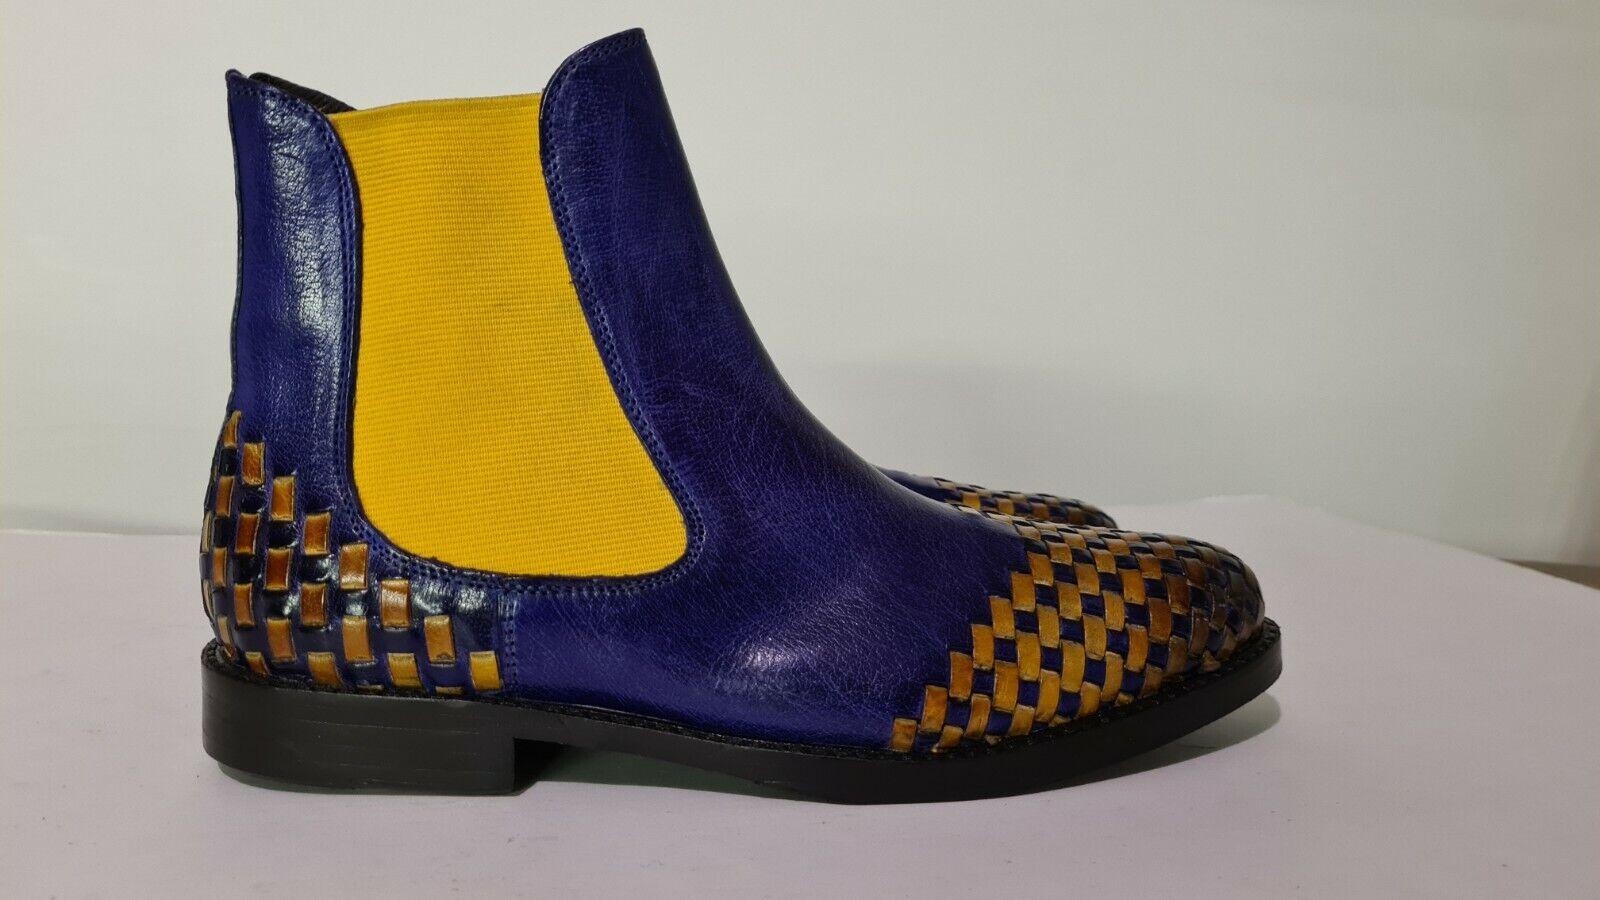 ! novedad! melvin & Hamilton sueño azul + amarillo cuero genuino botines, talla 37, np 170 EUR